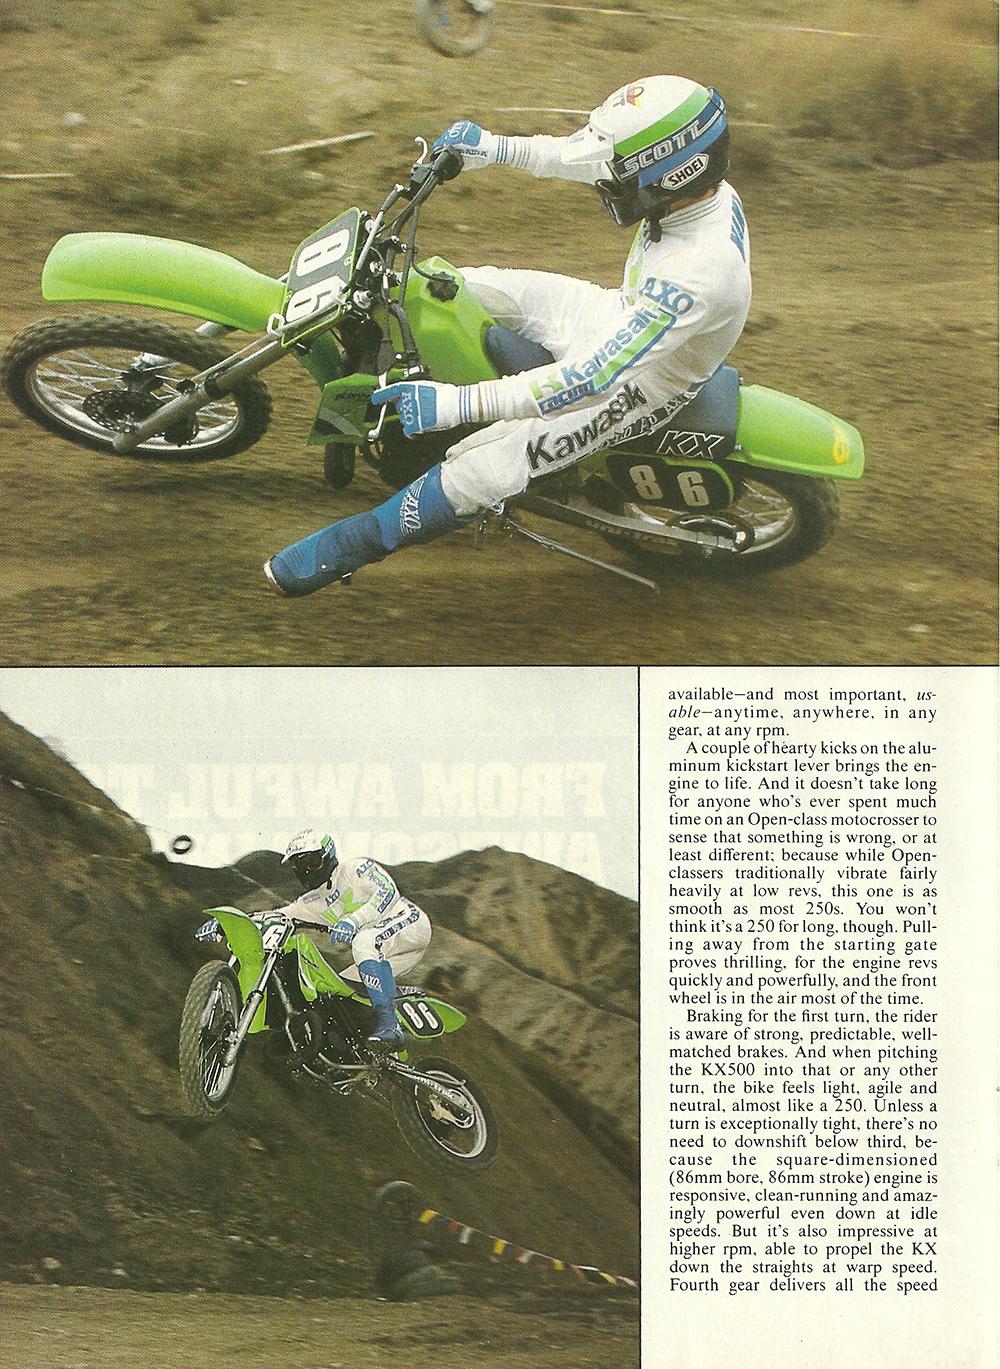 1985 Kawasaki KX500 road test 03.jpg